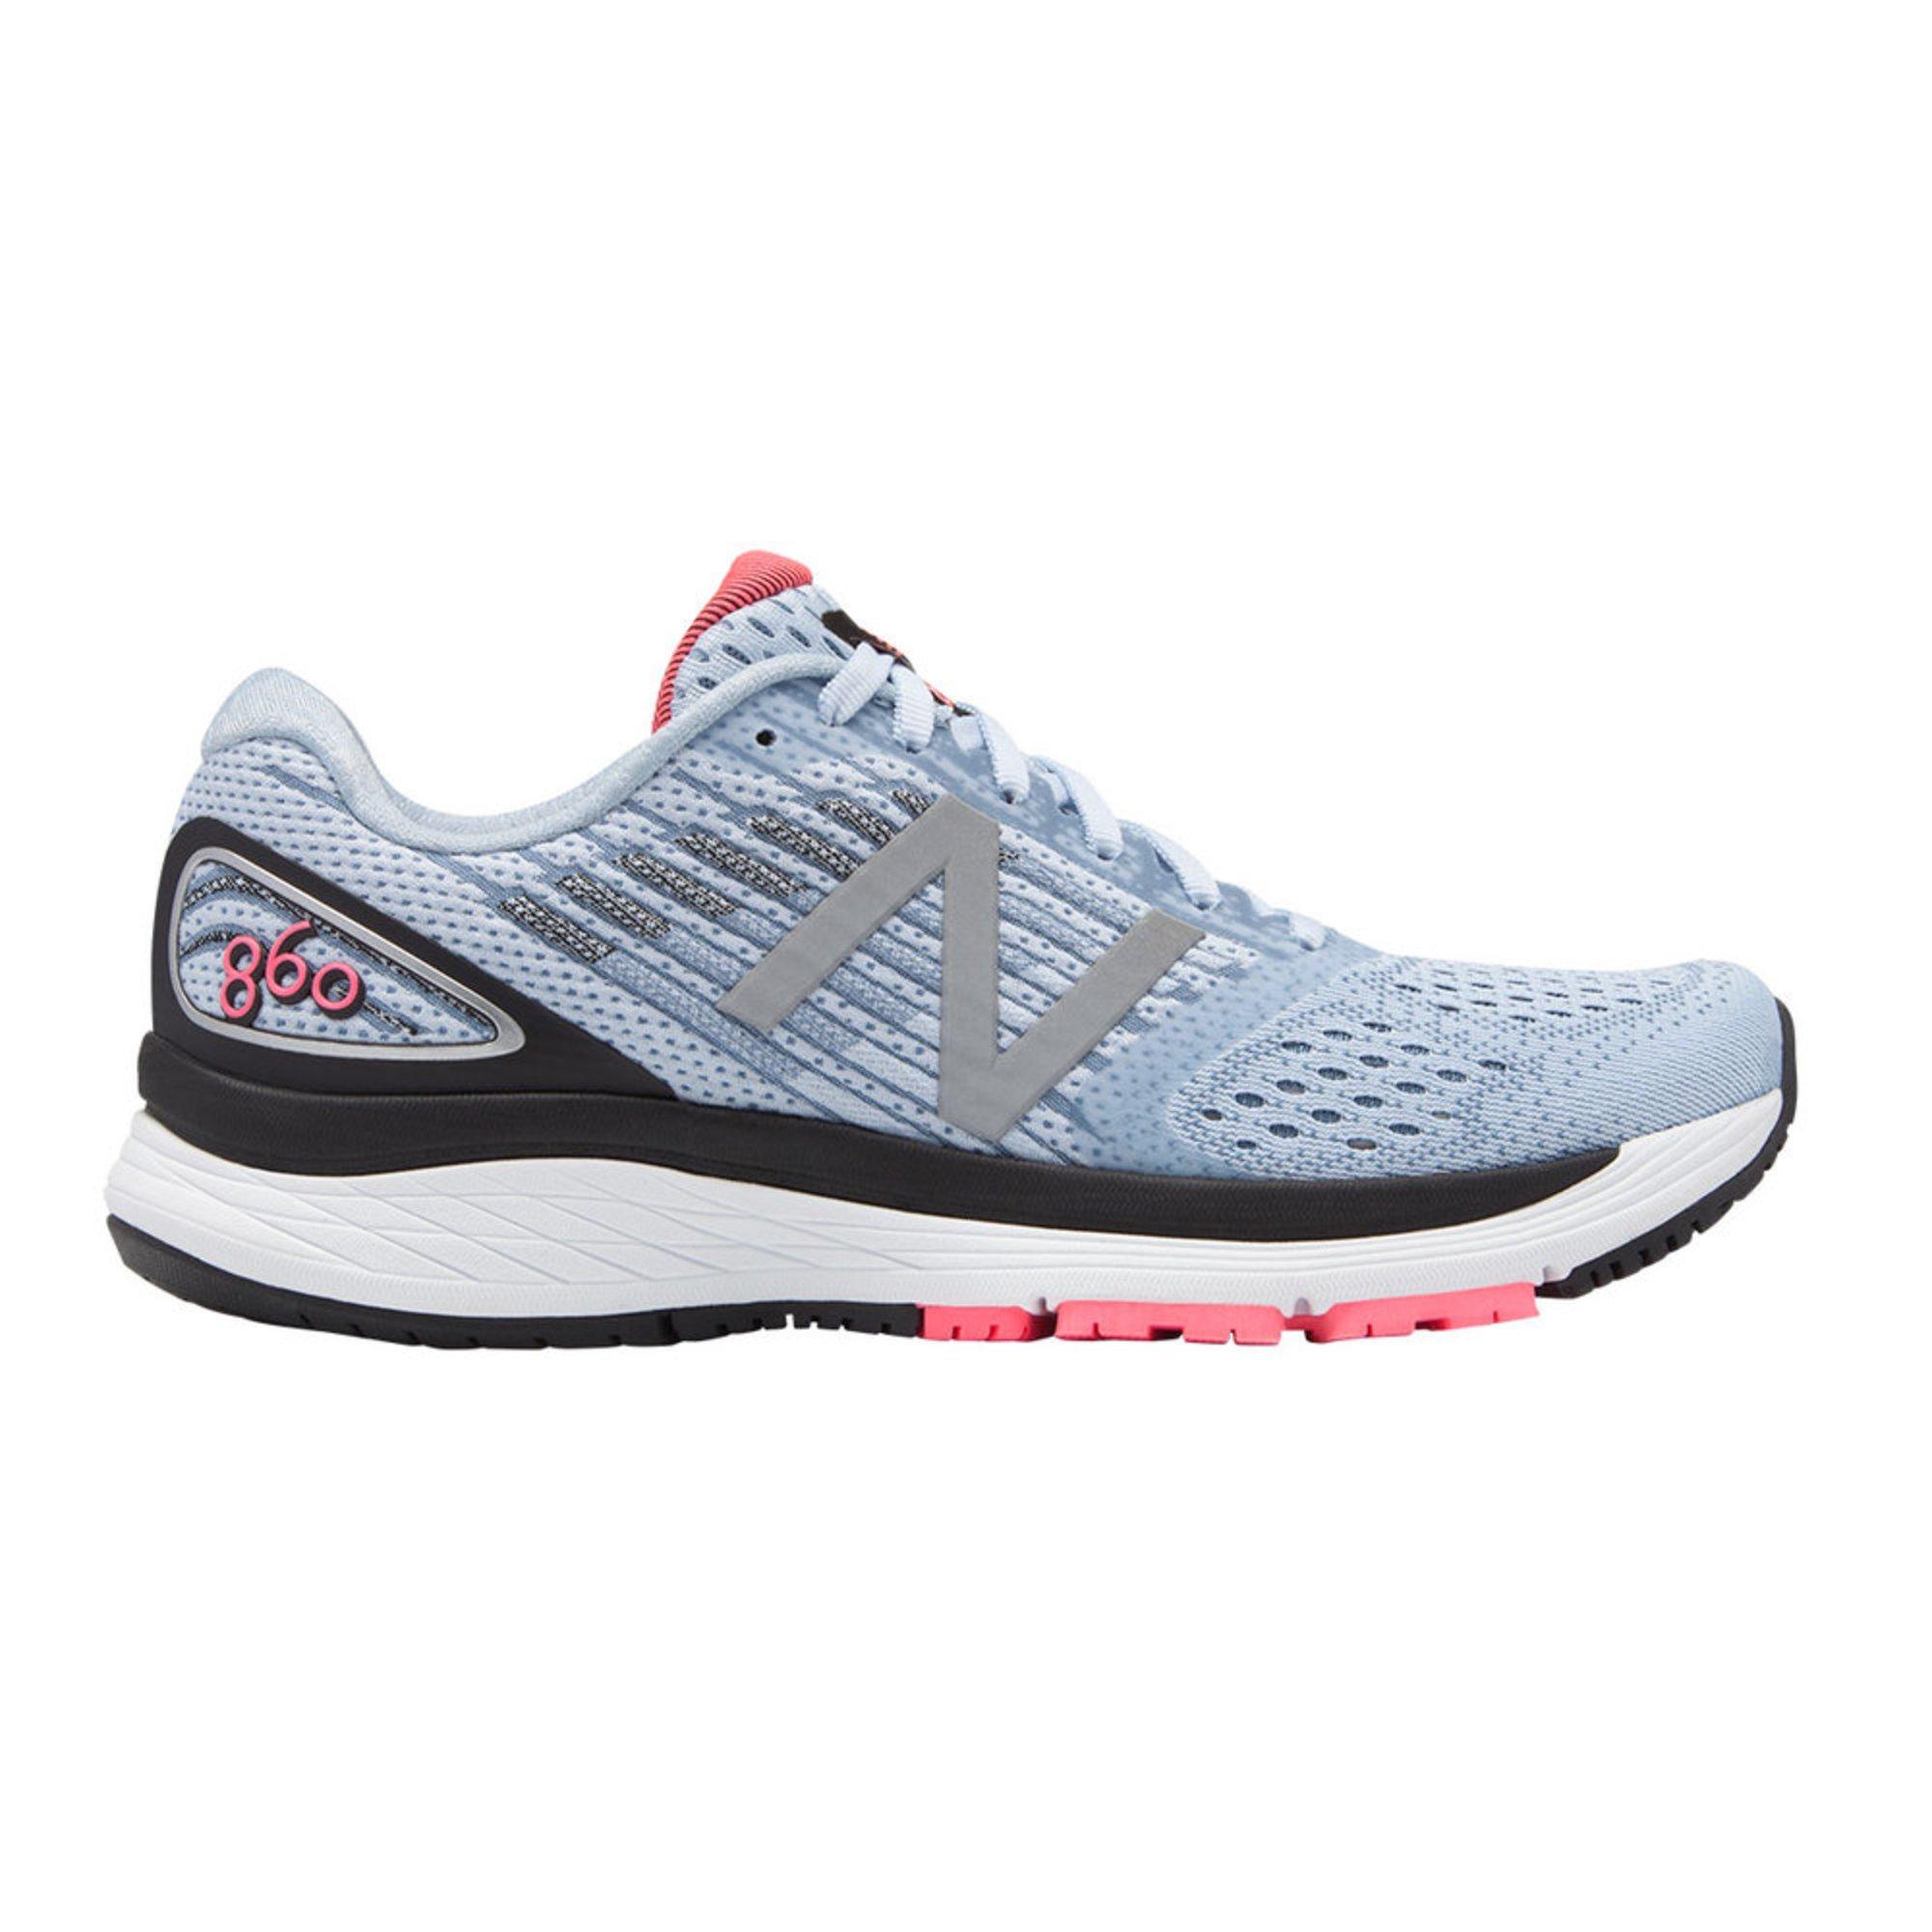 92aeb2bdbe2 New Balance Women's 860v9 Running Shoe | Women's Running Shoes ...